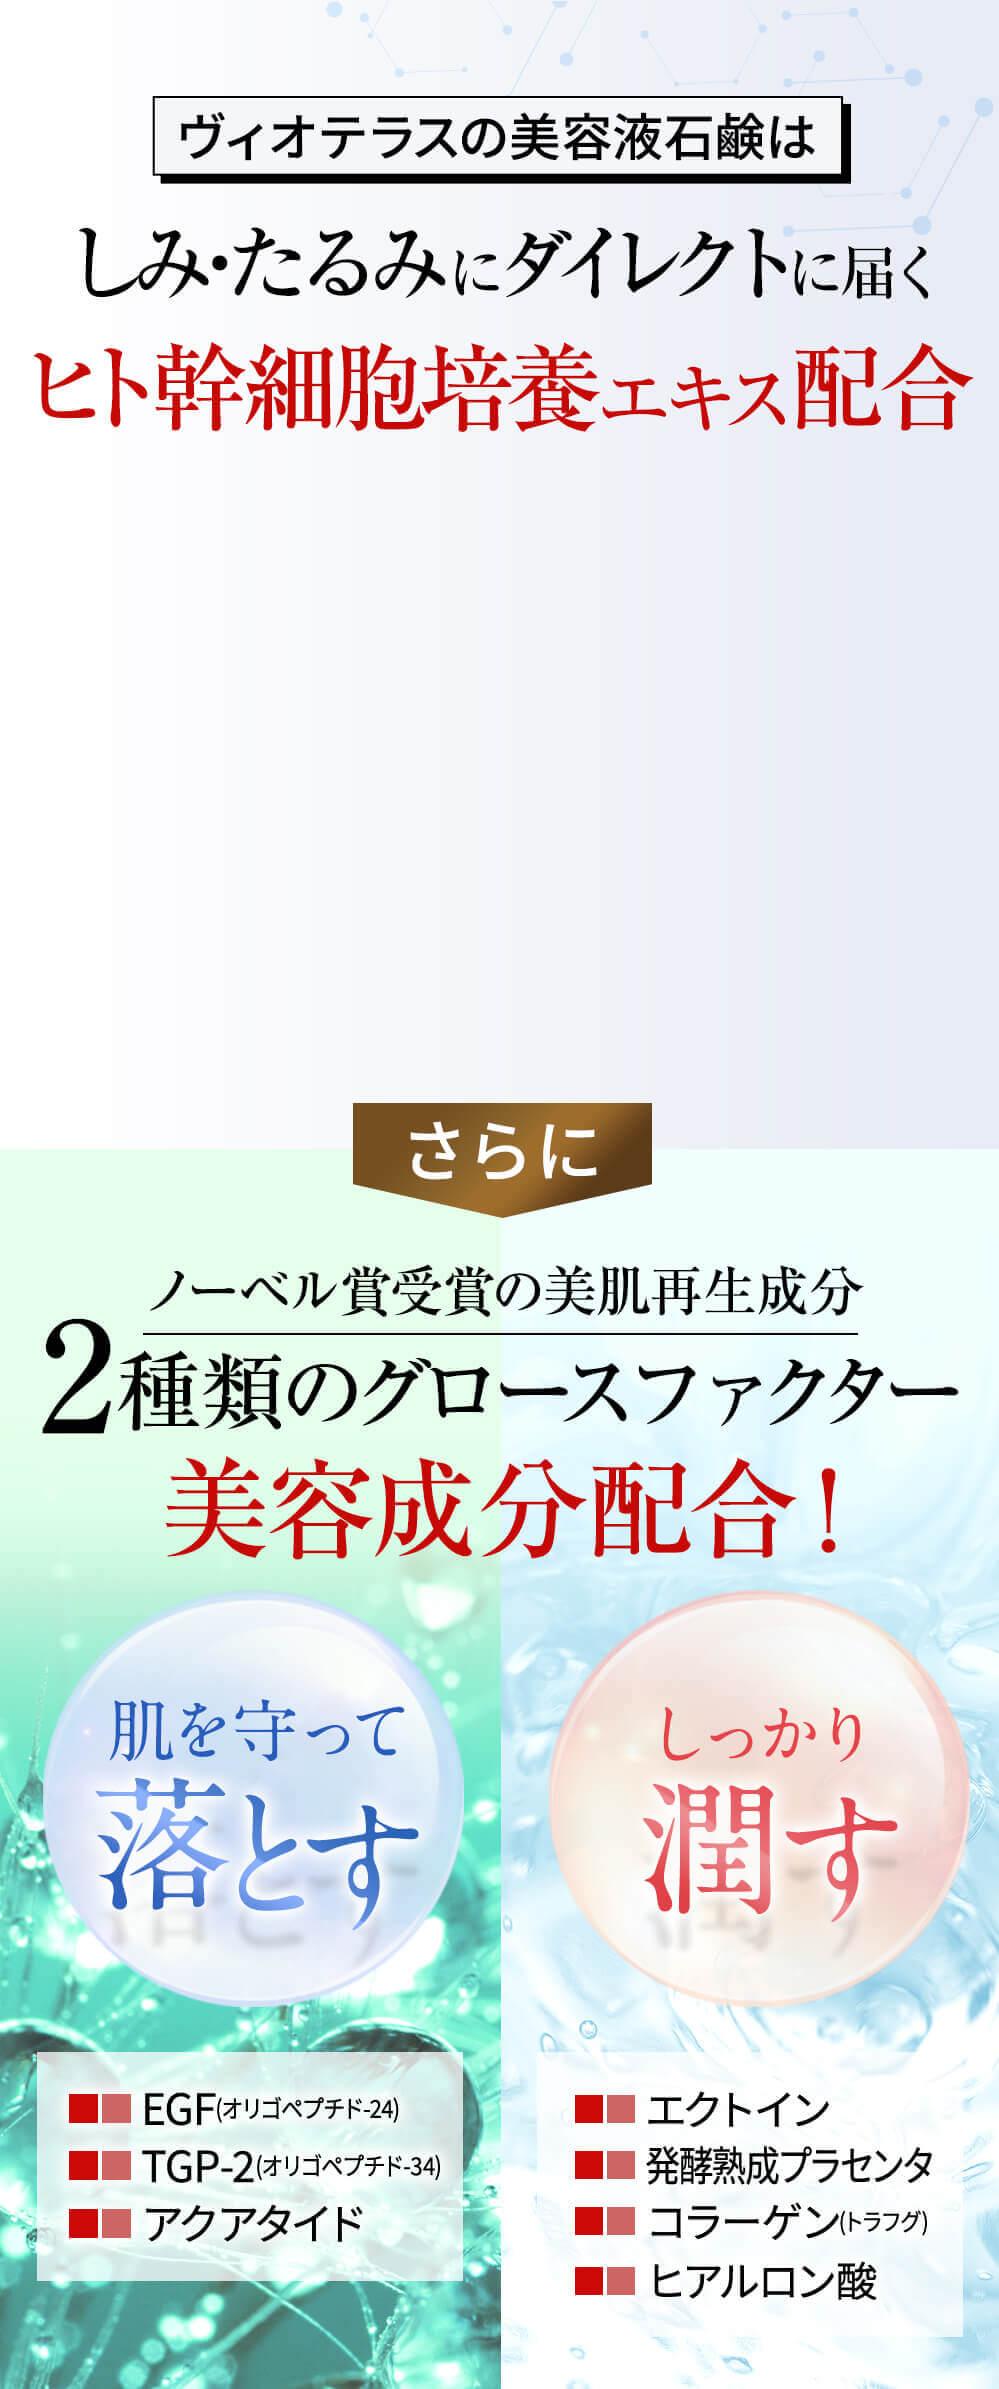 ヴィオテラスの美容液石鹸は、しみ・たるみにダイレクトに届くヒト幹細胞培養エキス配合。さらにノーベル賞受賞の美肌再生成分2種類のグロースファクター美容成分配合!